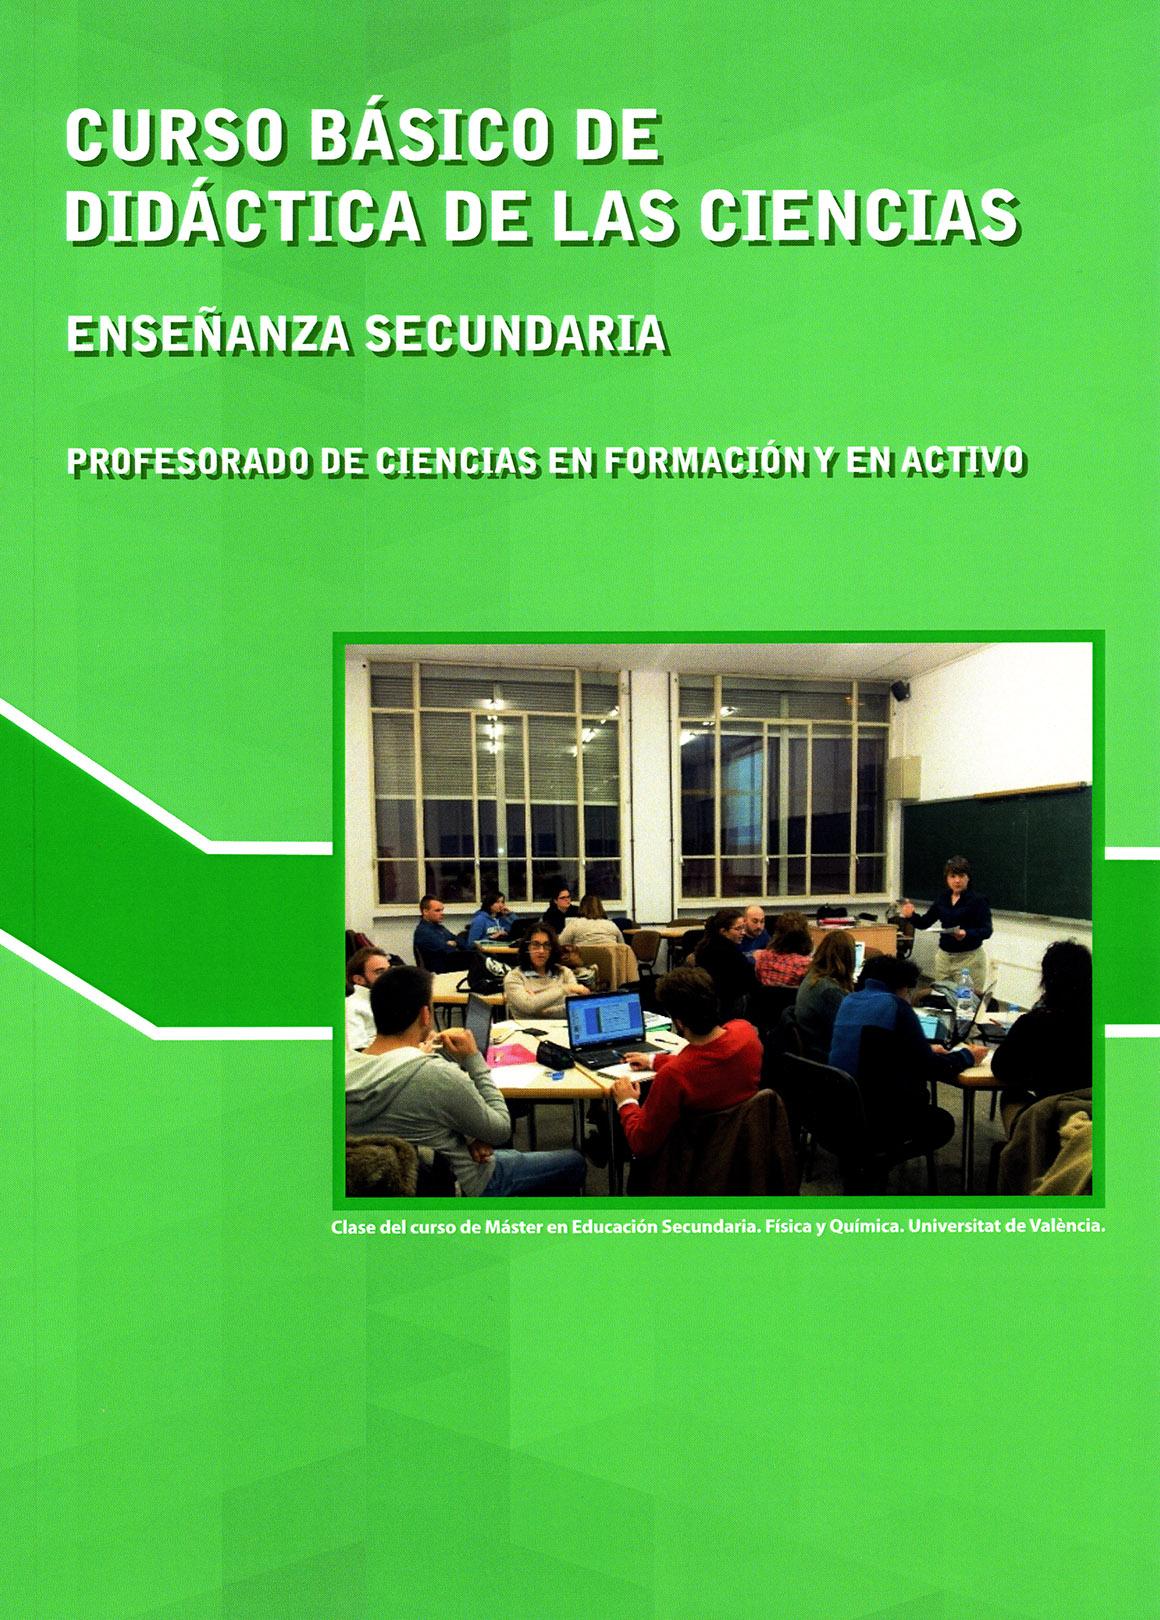 CURSO BÁSICO DE DIDÁCTICA DE LAS CIENCIAS ENSEÑANZA SECUNDARIA PROFESORADO DE CIENCIAS EN FORMACIÓN Y EN ACTIVO